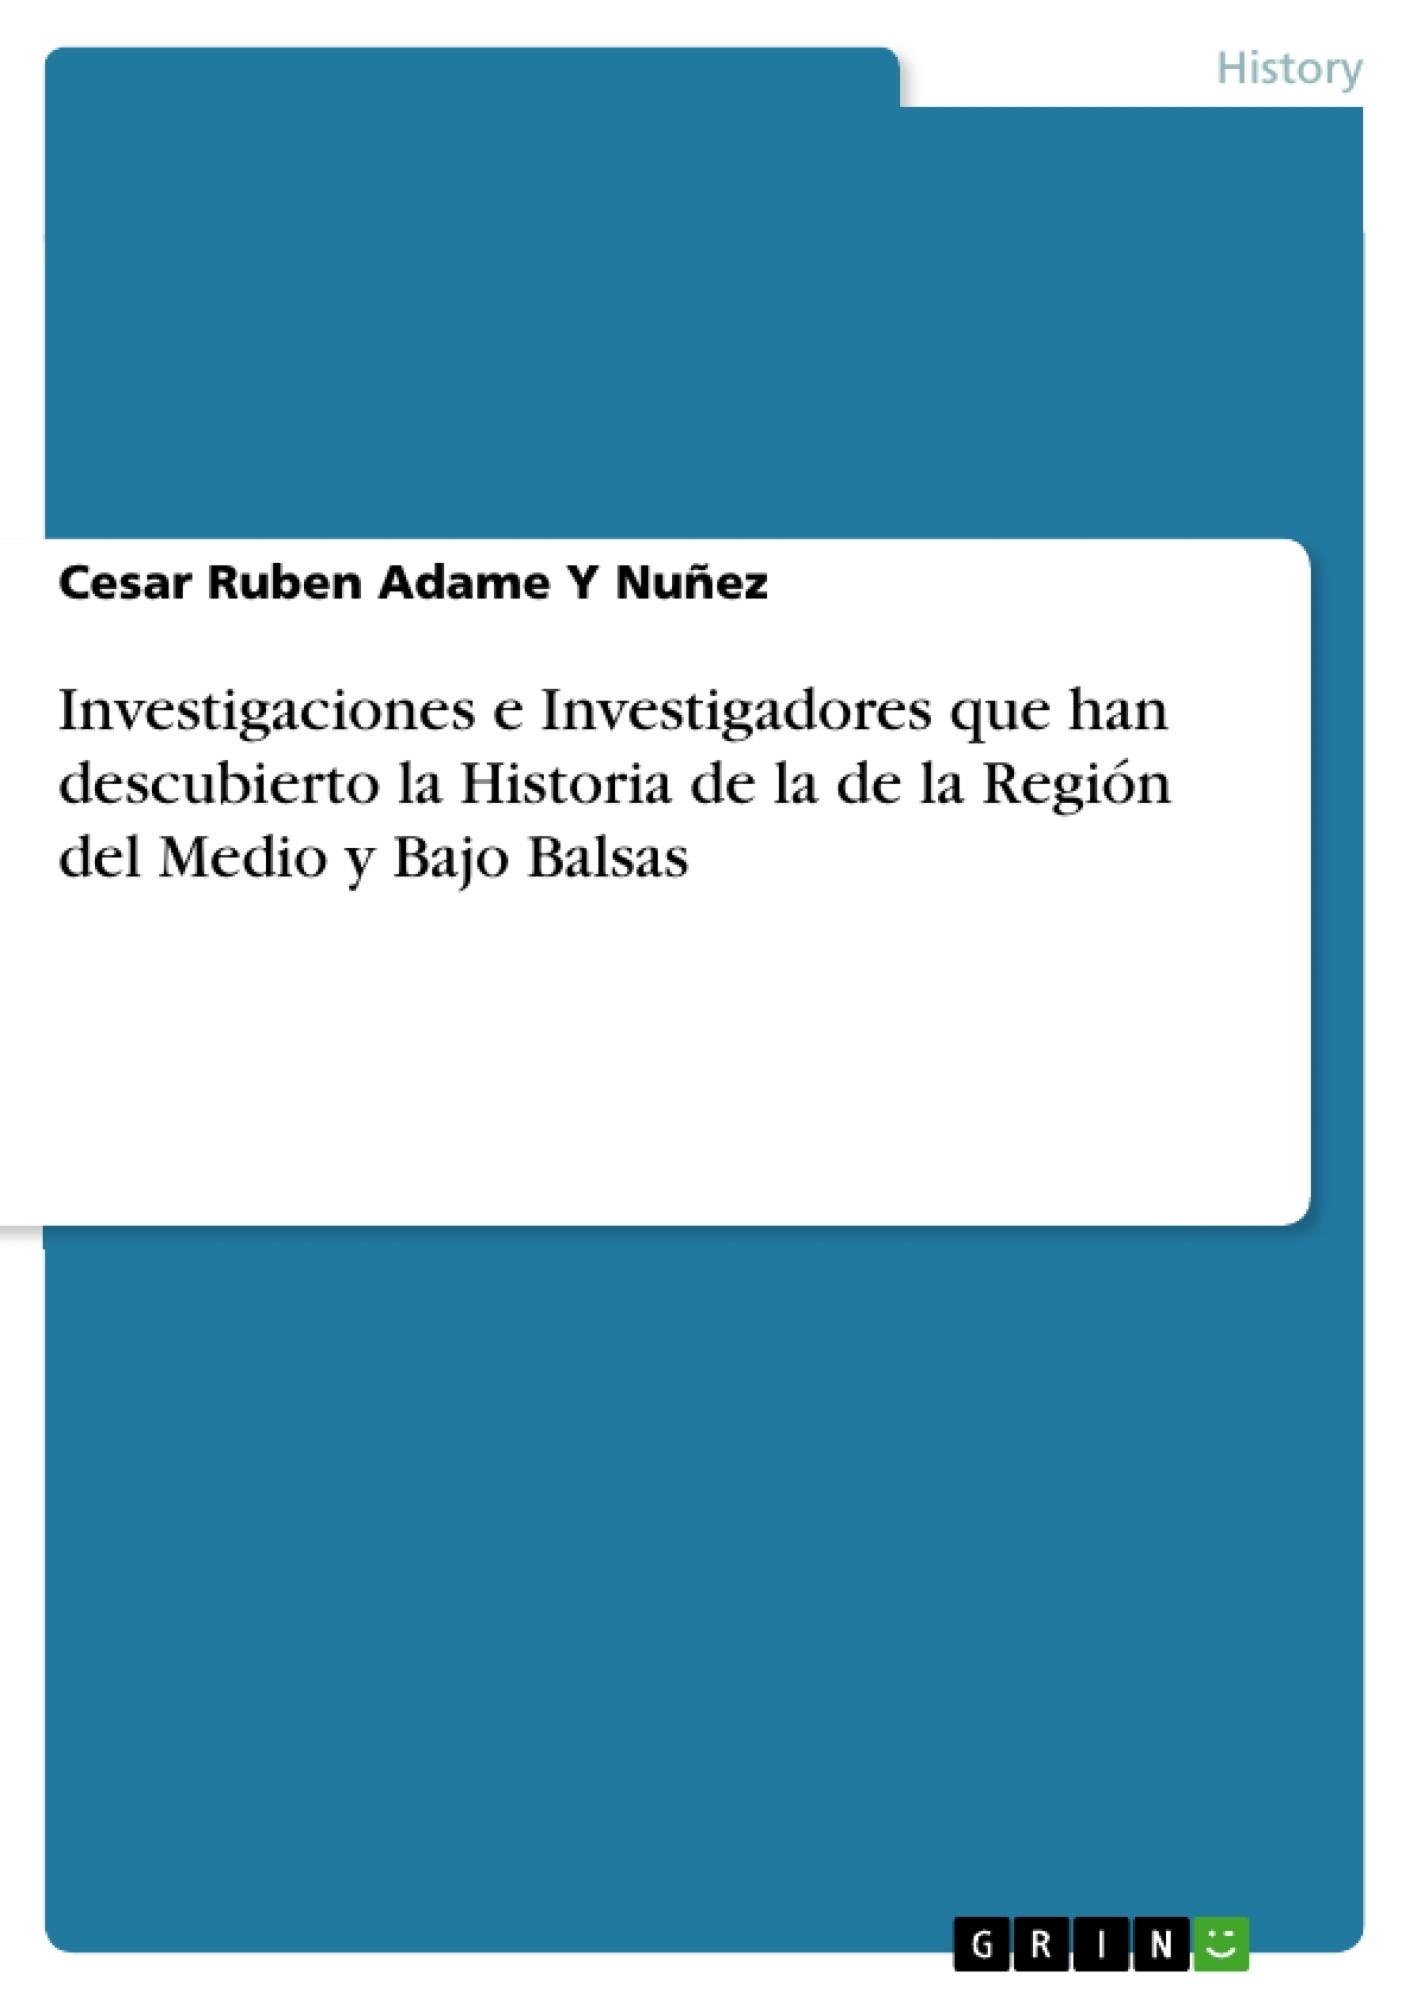 Título: Investigaciones e Investigadores que han descubierto la Historia de la de la Región del Medio y Bajo Balsas